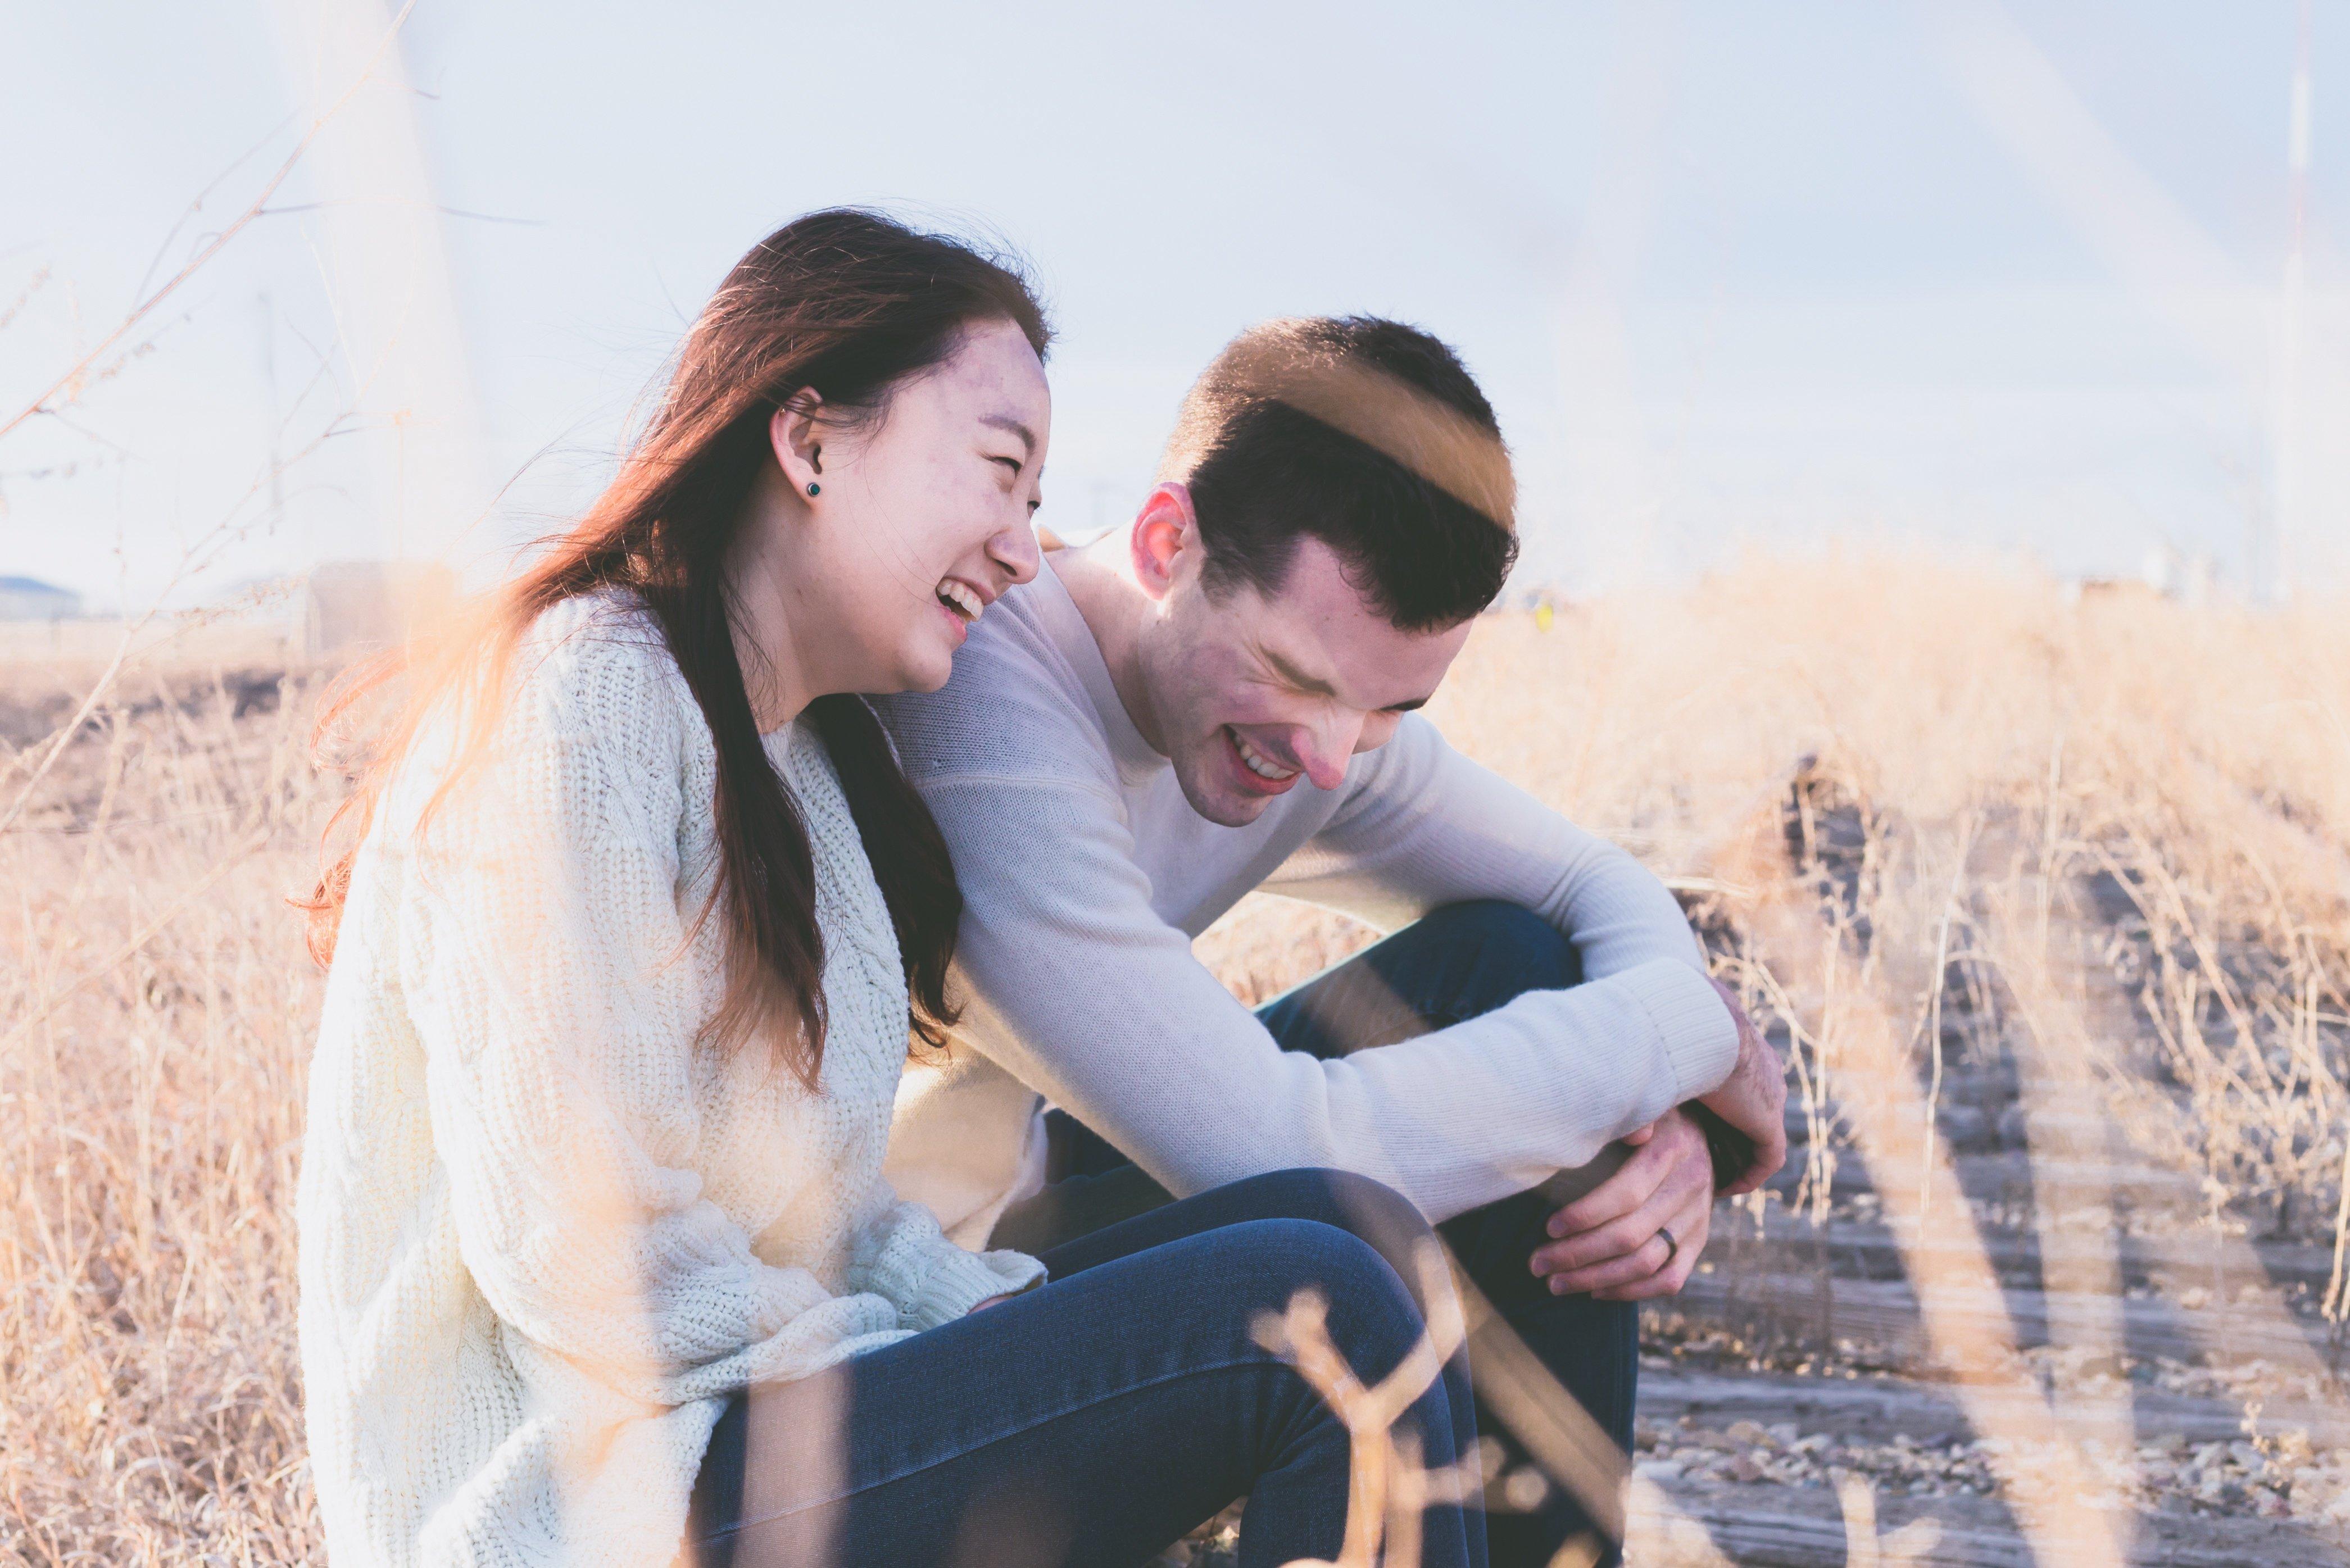 Tại sao người trẻ bây giờ thường hay sợ hãi hôn nhân? Đây chính là lý do - Ảnh 2